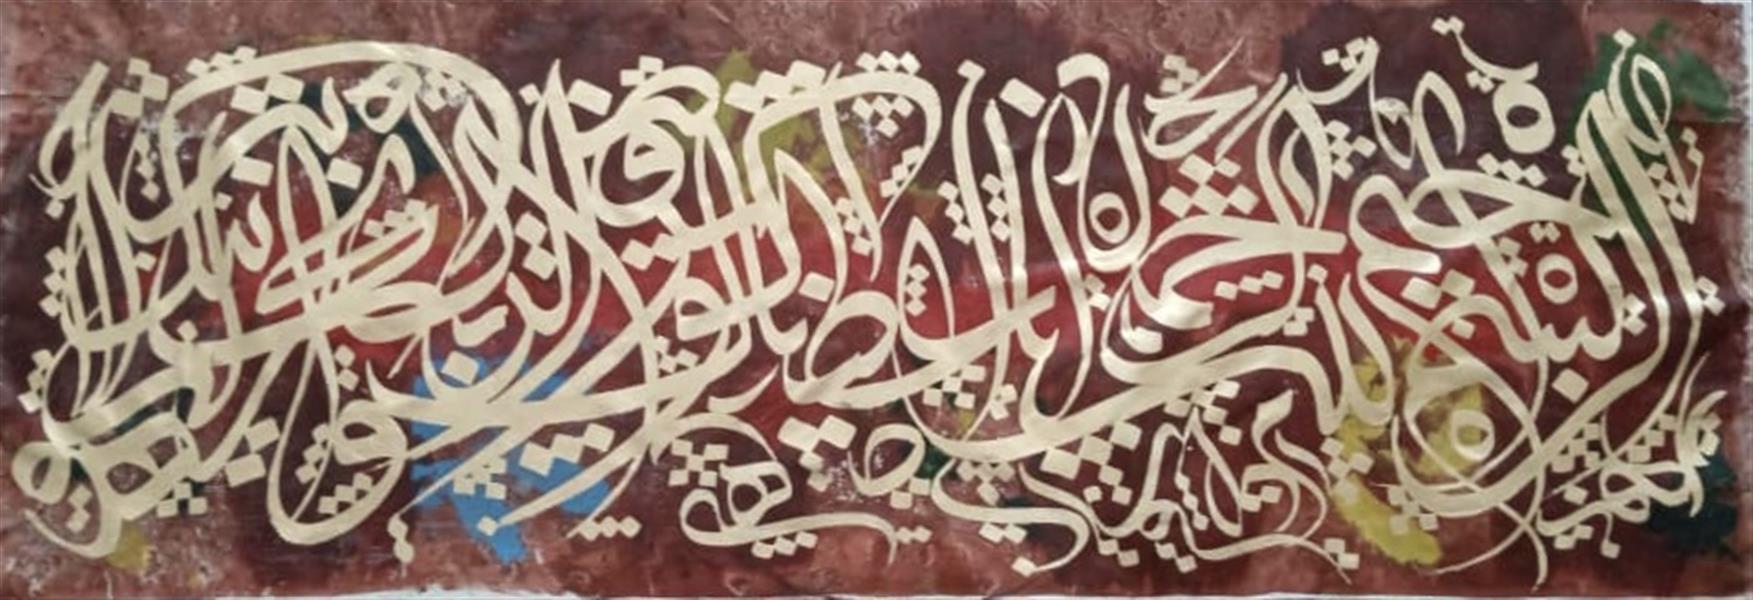 هنر خوشنویسی محفل خوشنویسی محمدجواد اعرابی تكنيك اكرليك روي بوم